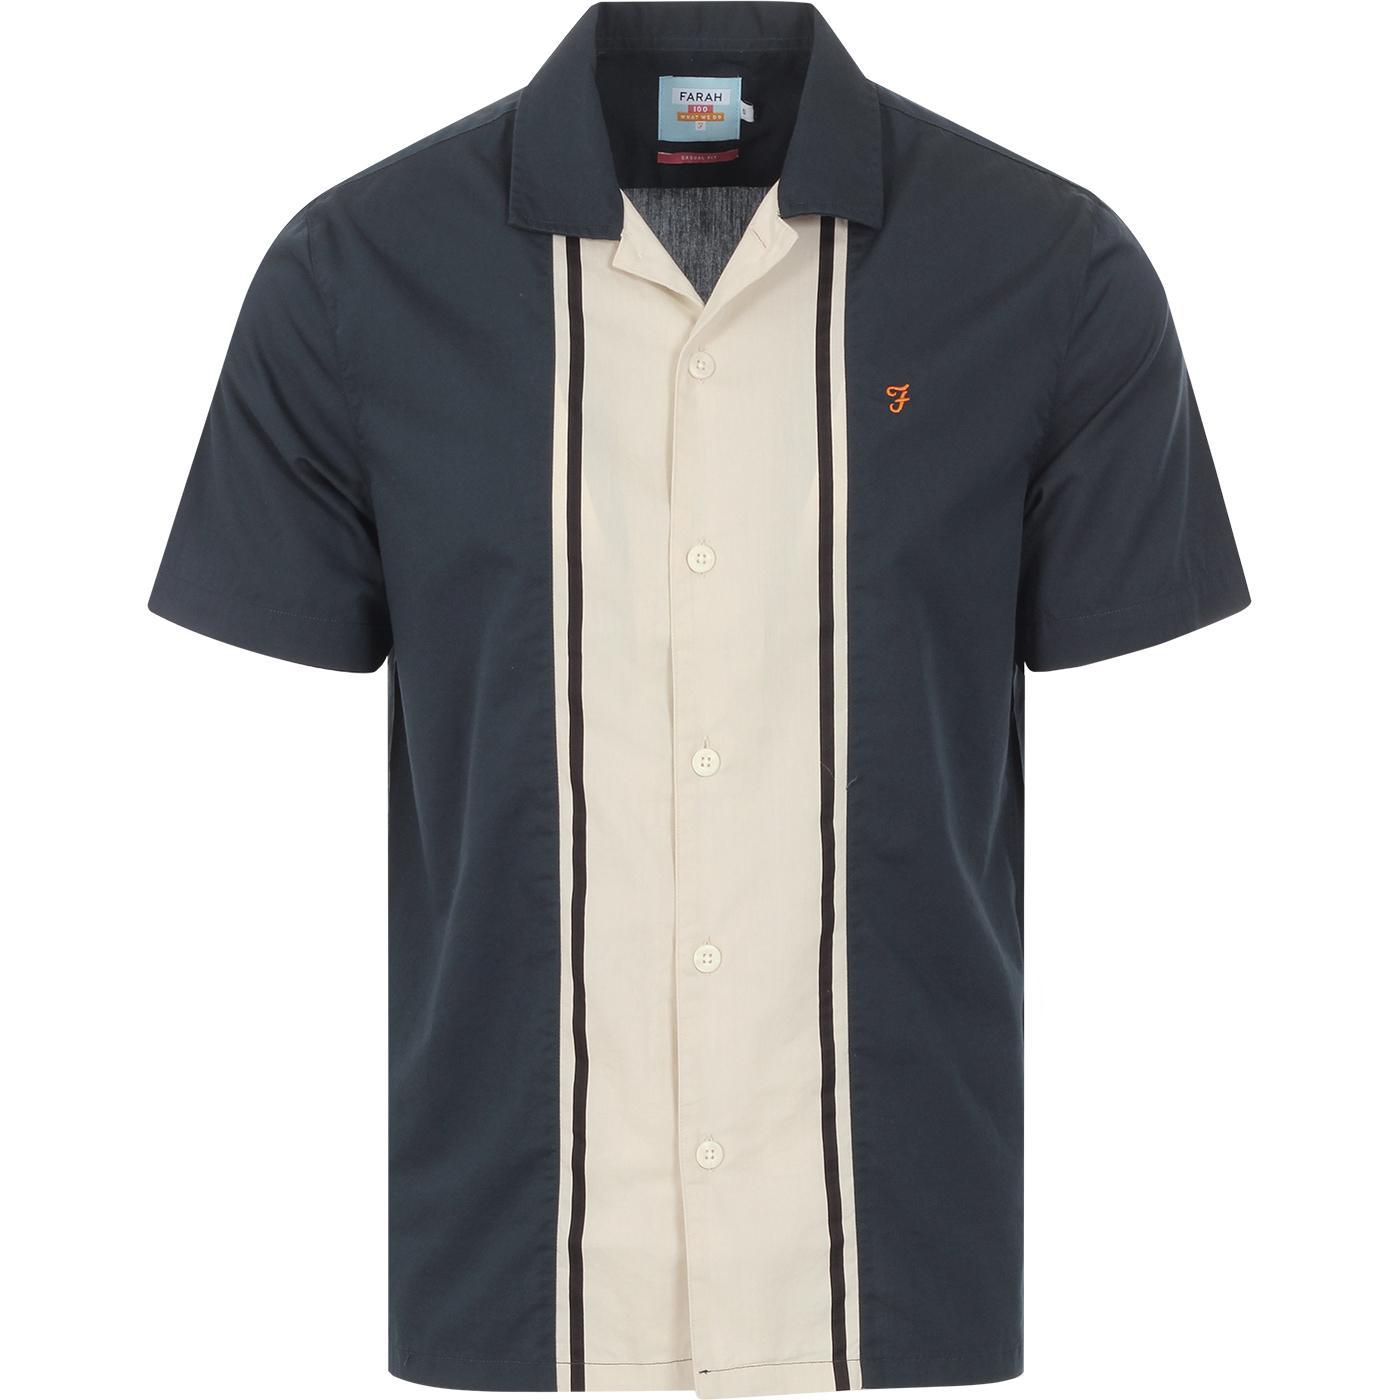 Houston FARAH 100 Mod Stripe Bowling Shirt (Teal)